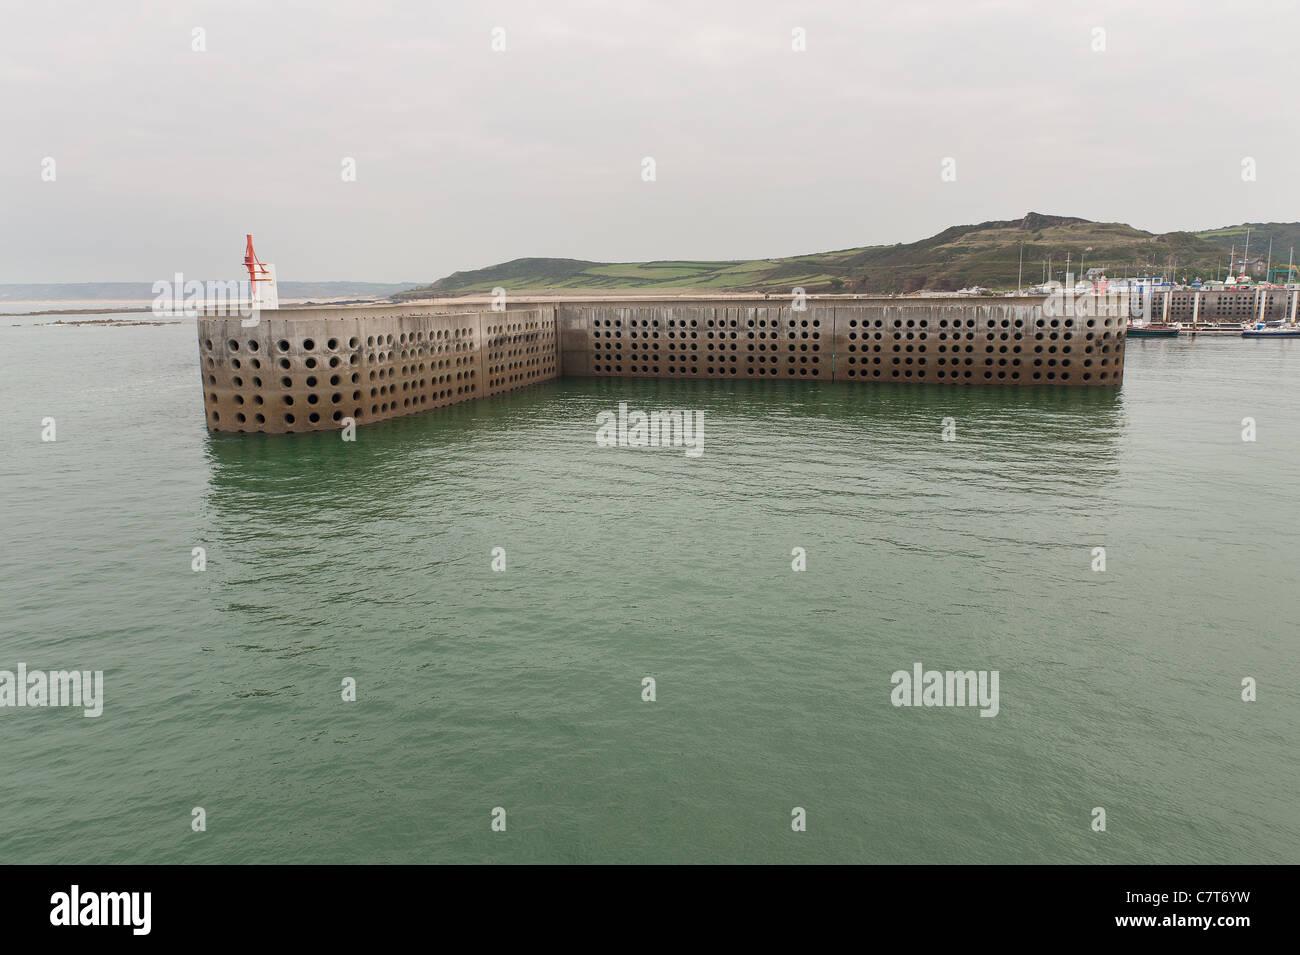 La défense de la mer de l'ingénierie à mur du port pour dissiper la férocité de l'océan Atlantique et de la mer. Banque D'Images